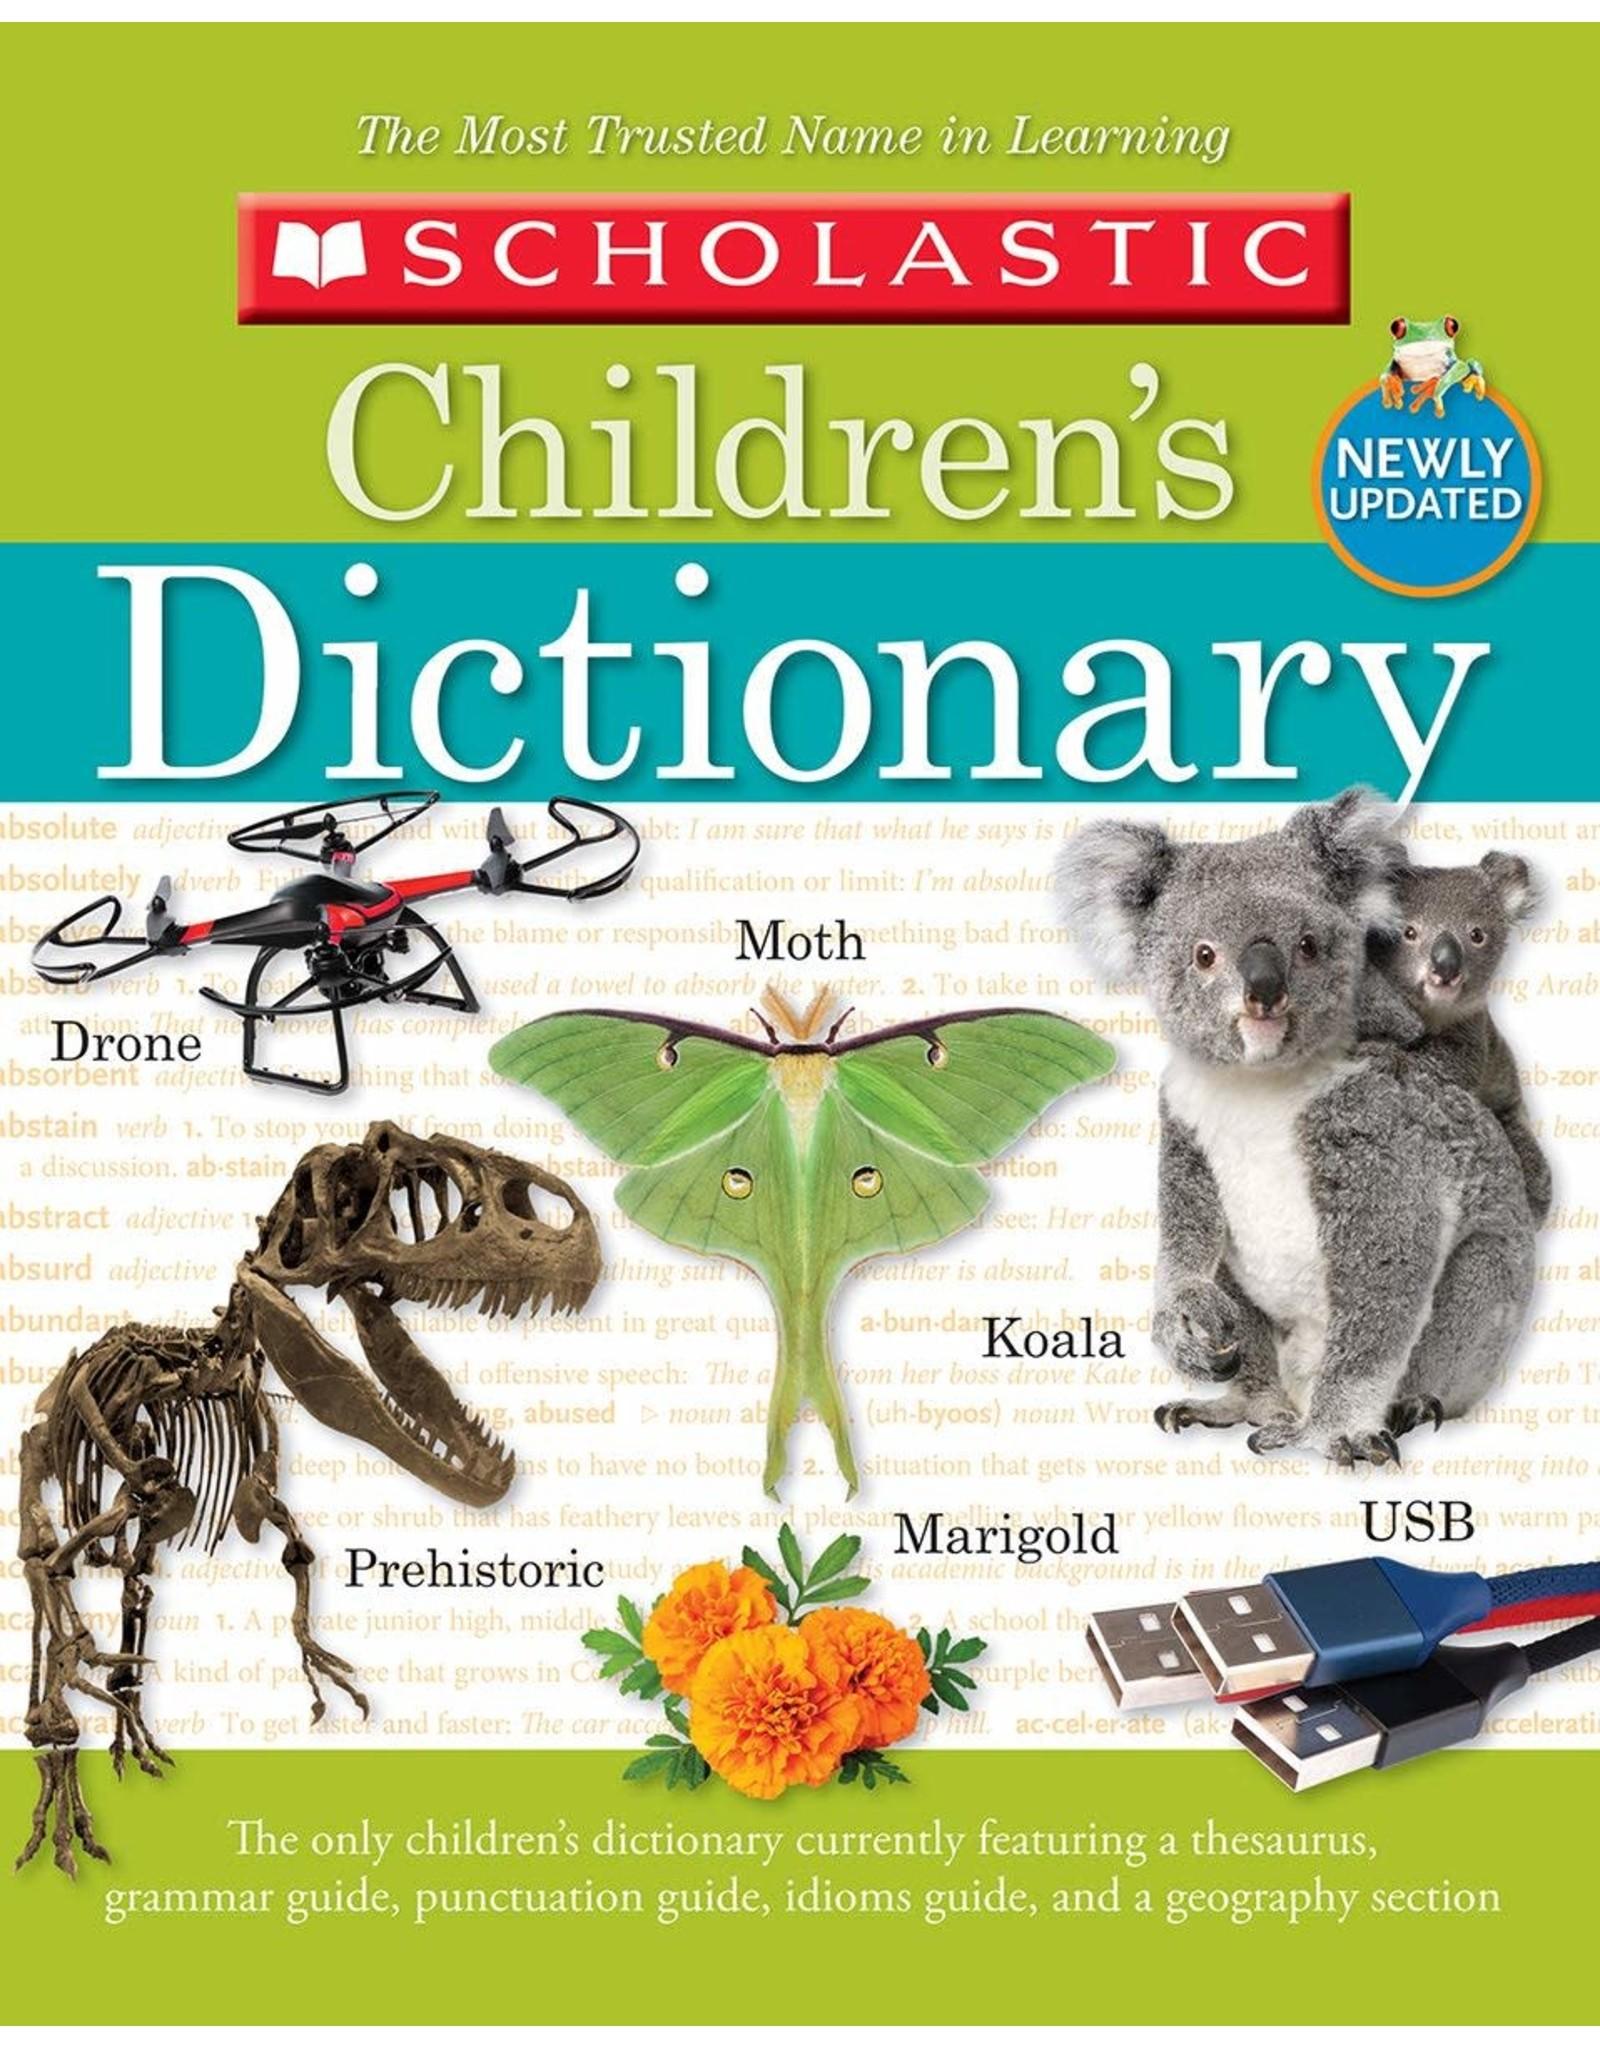 Scholastic Scholastic Children's Dictionary